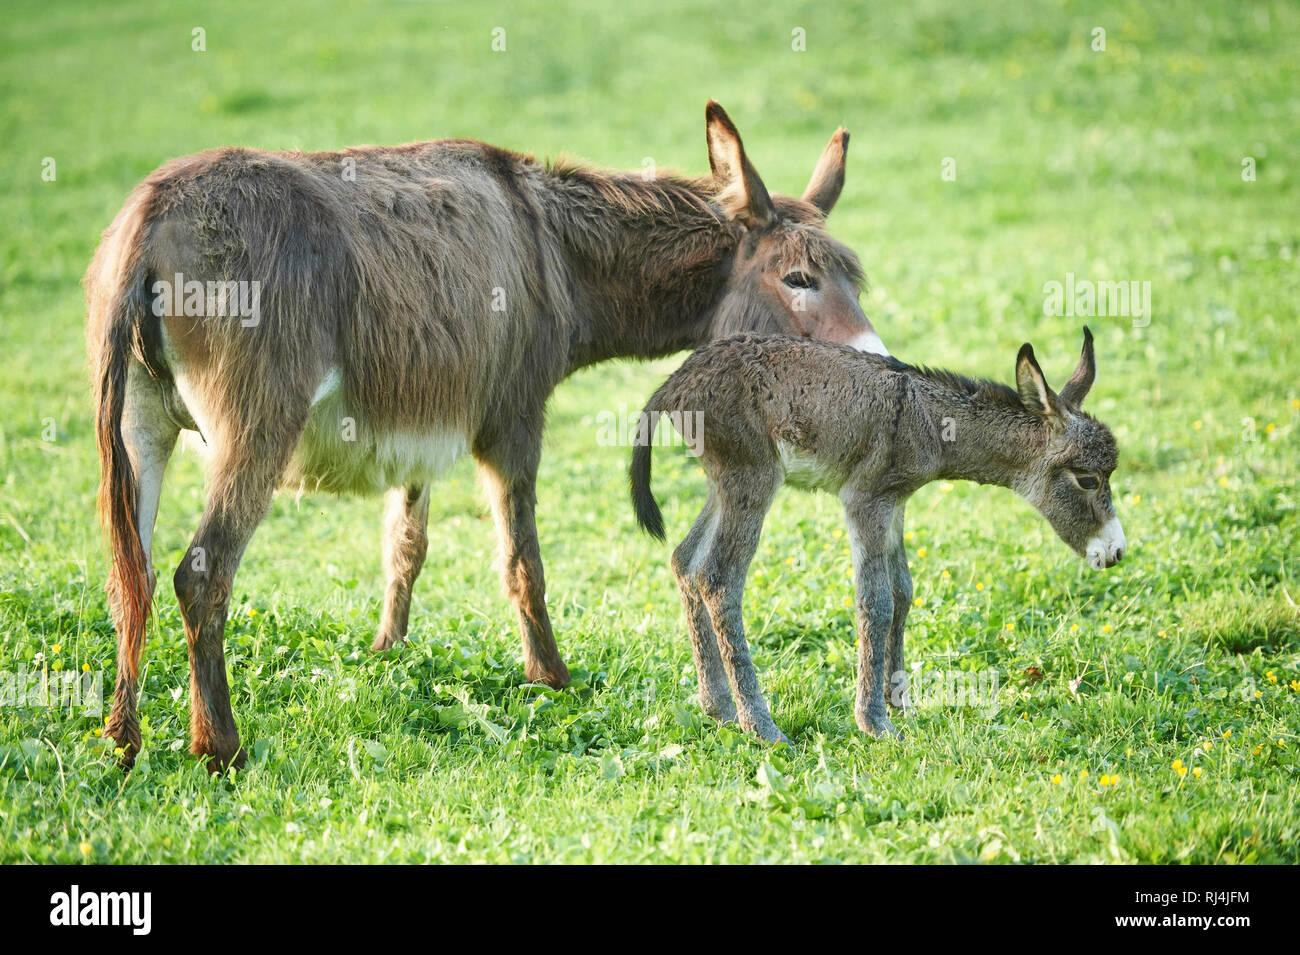 Hausesel, Equus asinus asinus, Stute, Fohlen, Wiese, seitlich, stehen Stock Photo